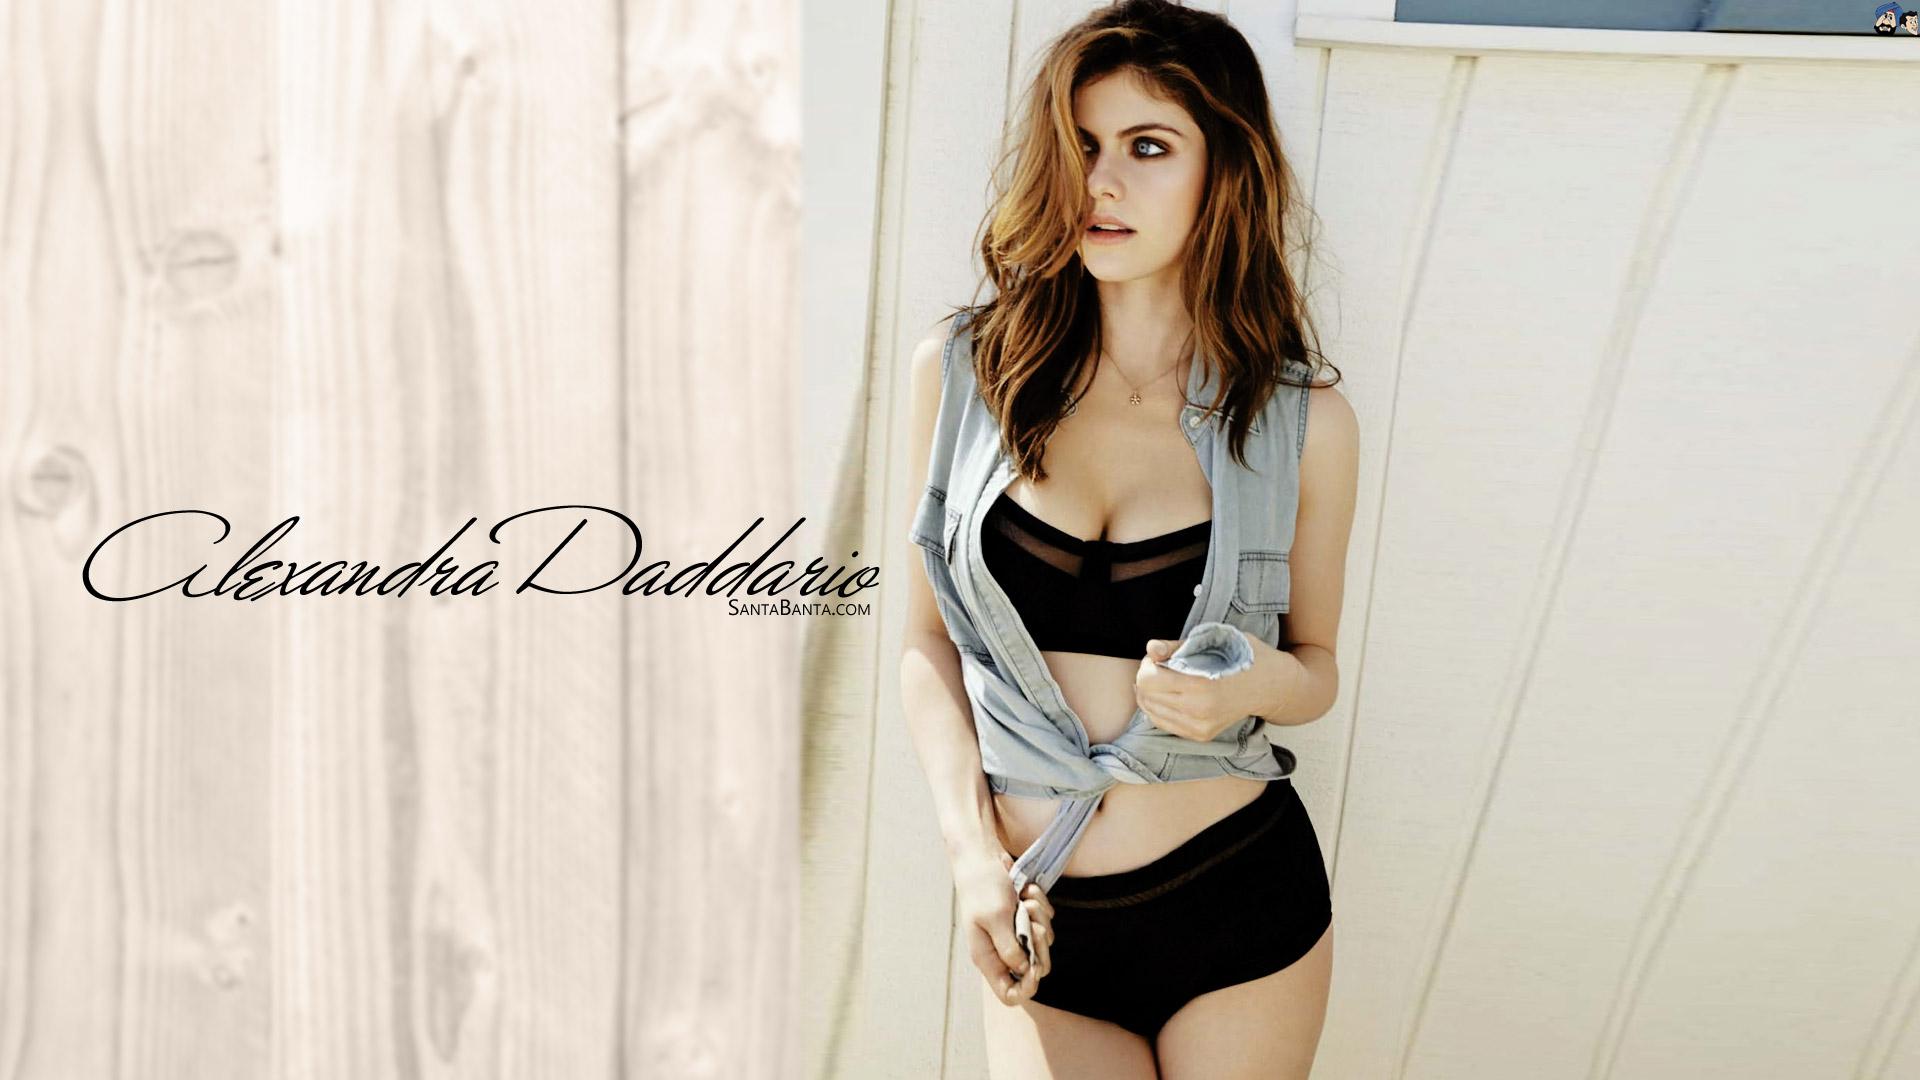 Alexandra Daddario Alexandra Daddario Wallpaper 42928667